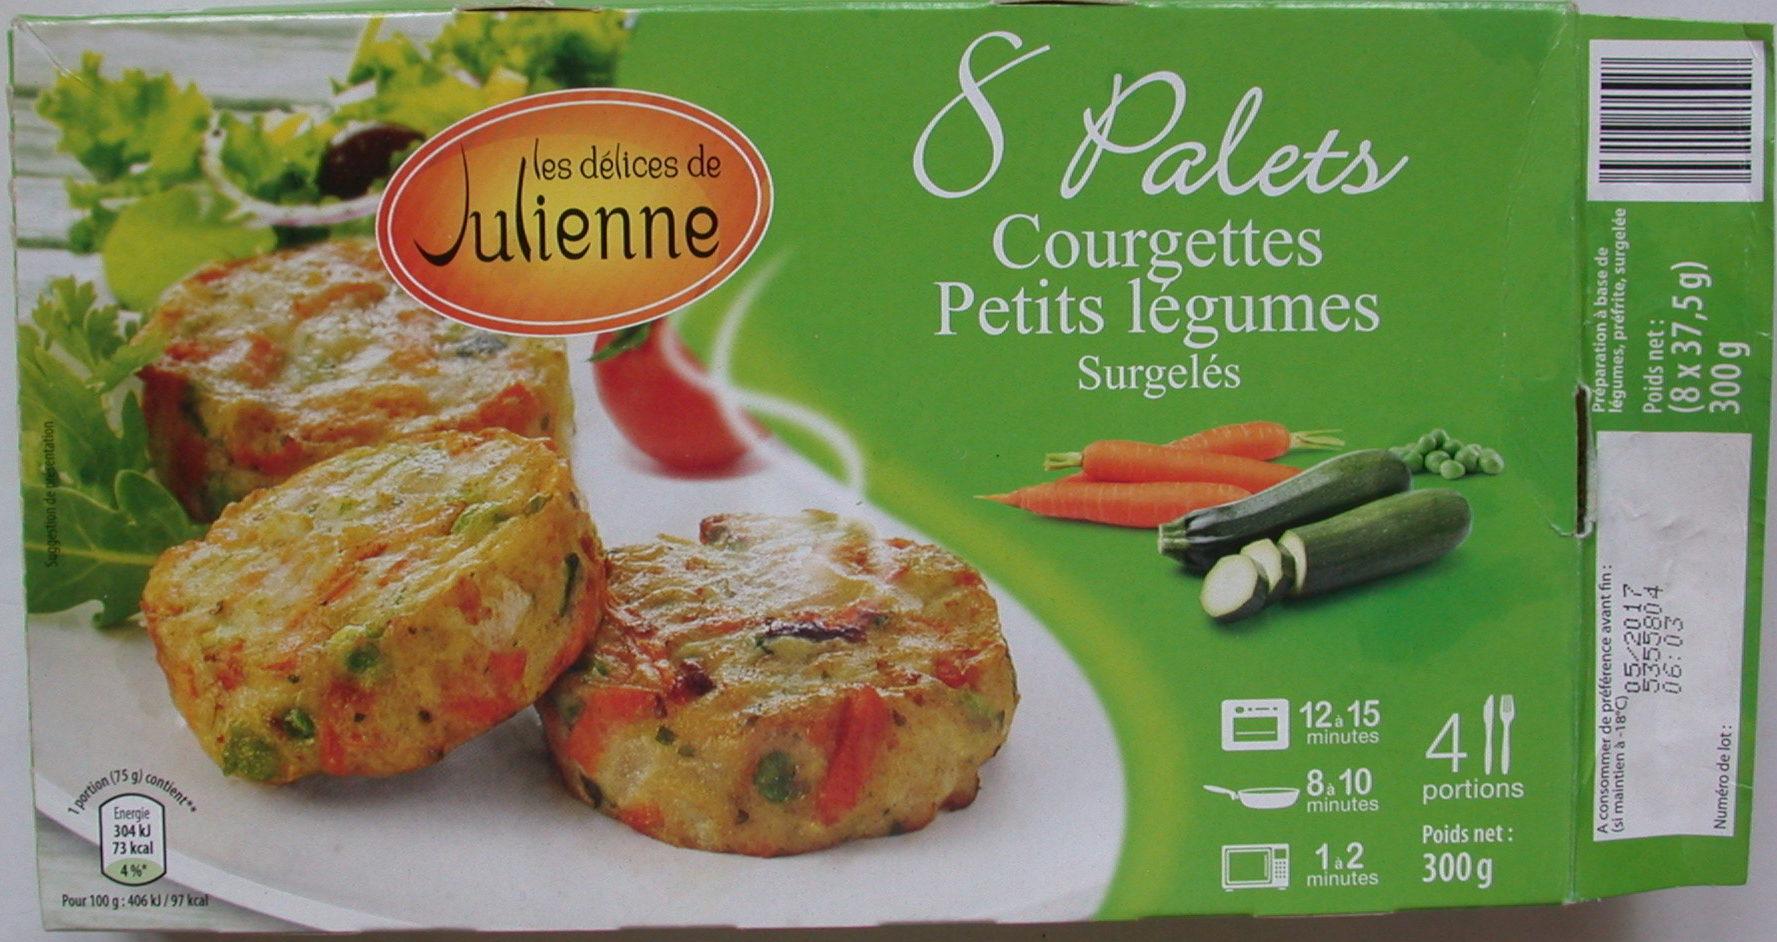 Palets poireaux carottes pommes de terre - Produit - fr